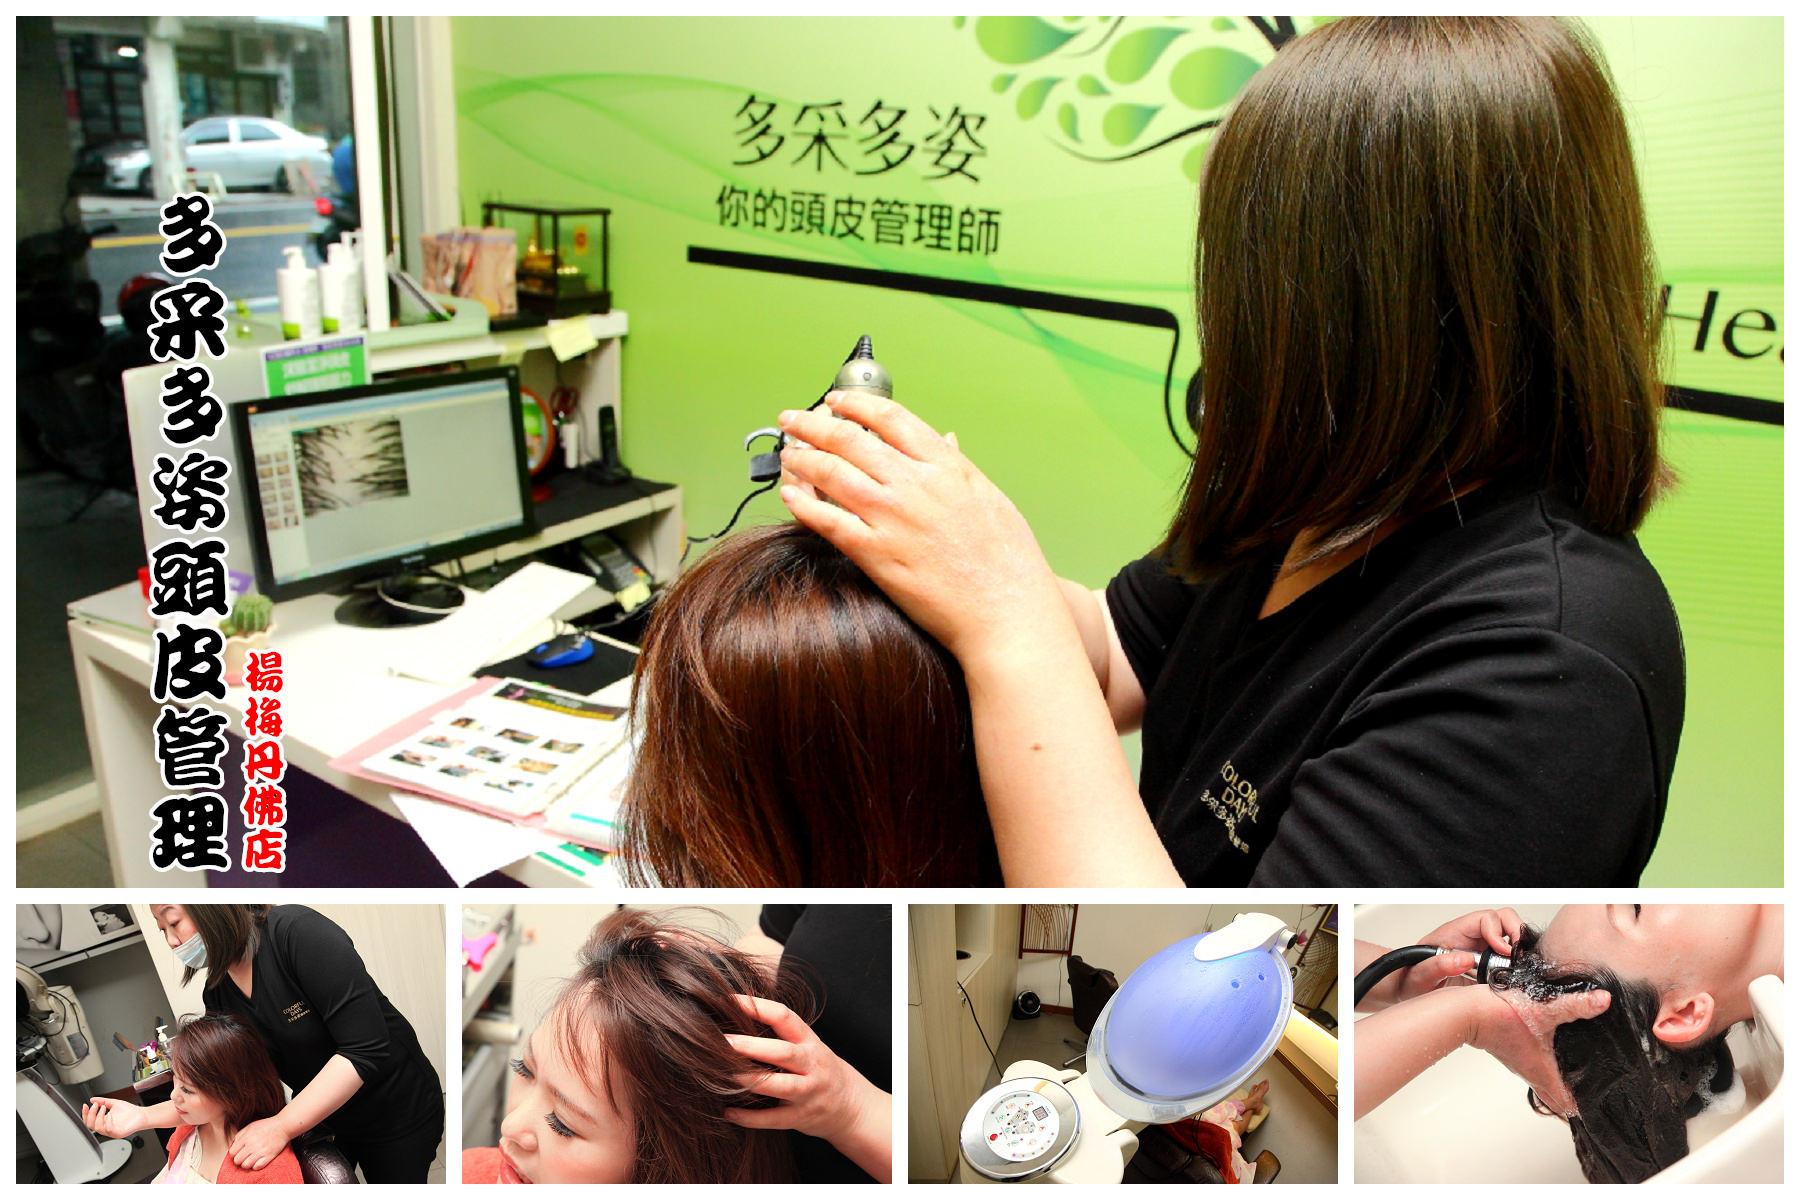 [桃園楊梅] 頭皮跟臉皮一樣重要,頭皮保養從細節做起,頭皮調理師專業護理諮詢!多采多姿頭皮管理-楊梅丹佛店…近新竹湖口